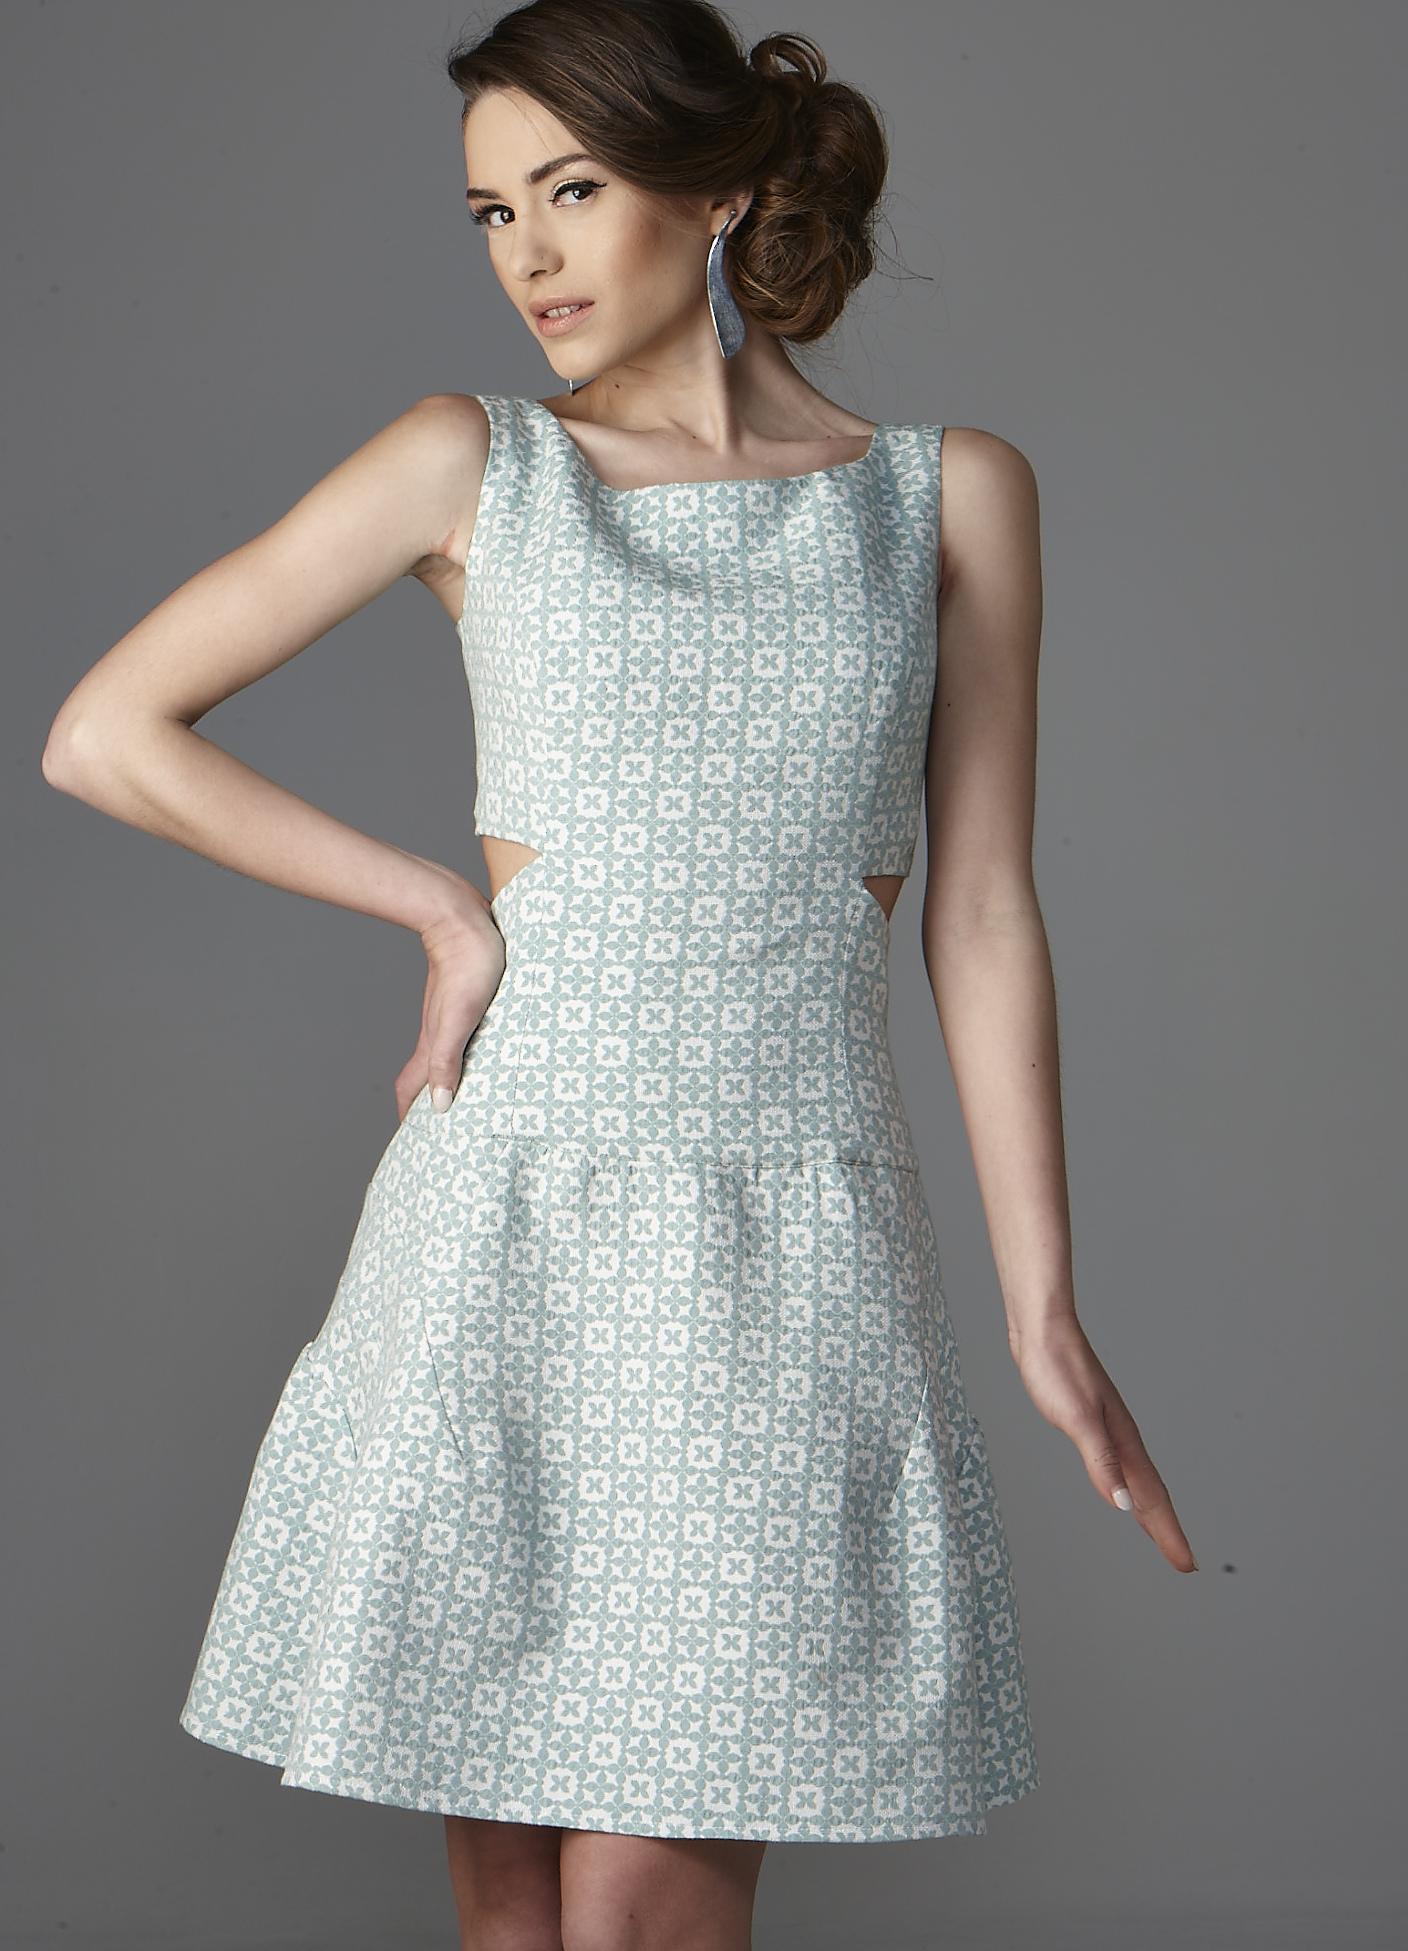 Πικέ μίνι φόρεμα με ψηλόμεση φούστα